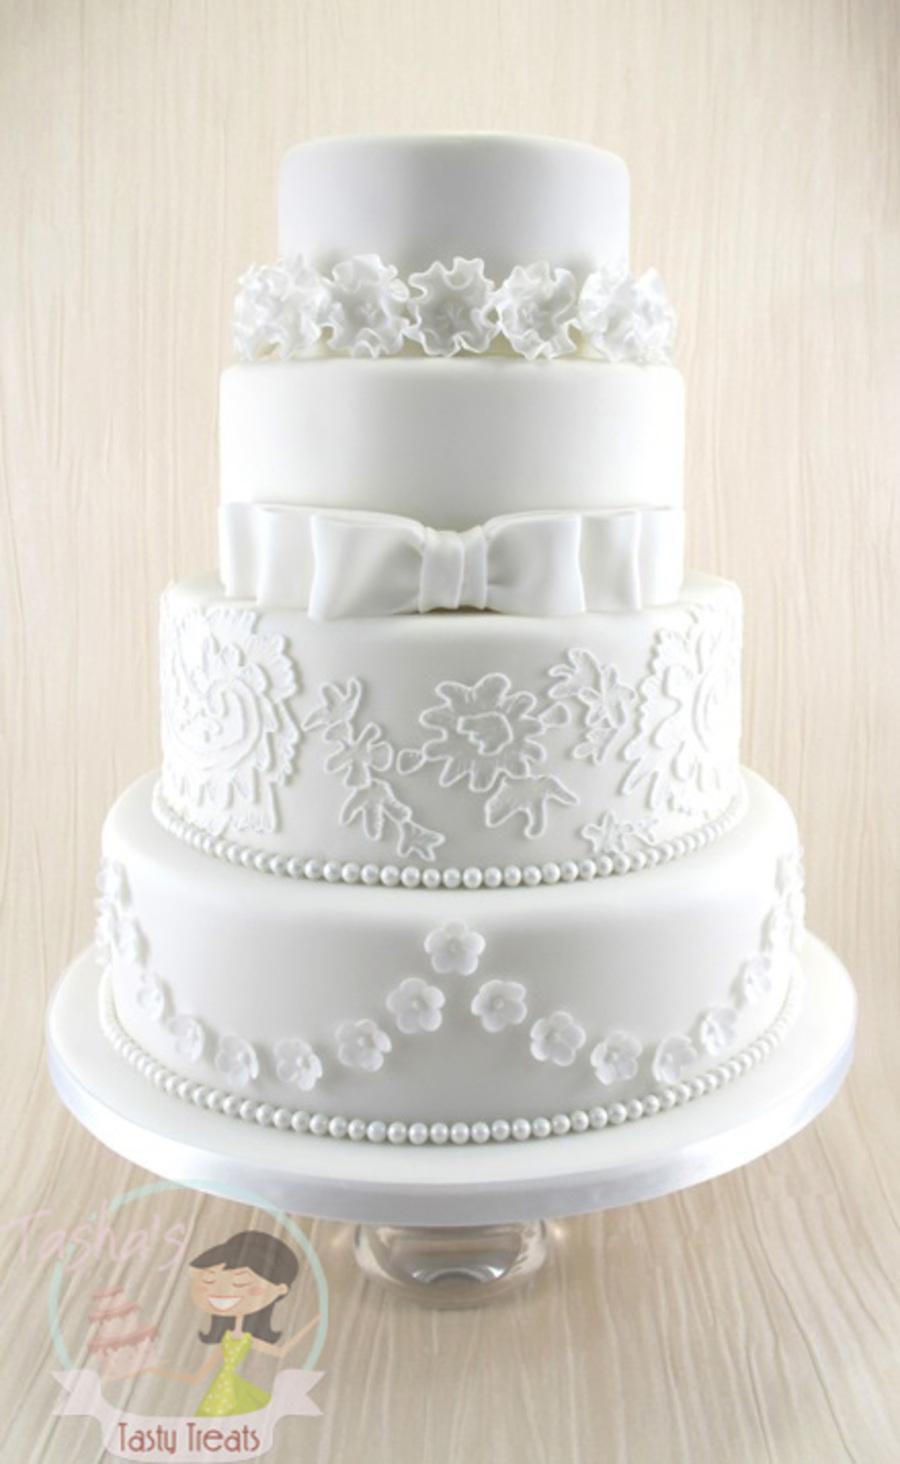 White Classic 4 Tier Wedding Cake - CakeCentral.com